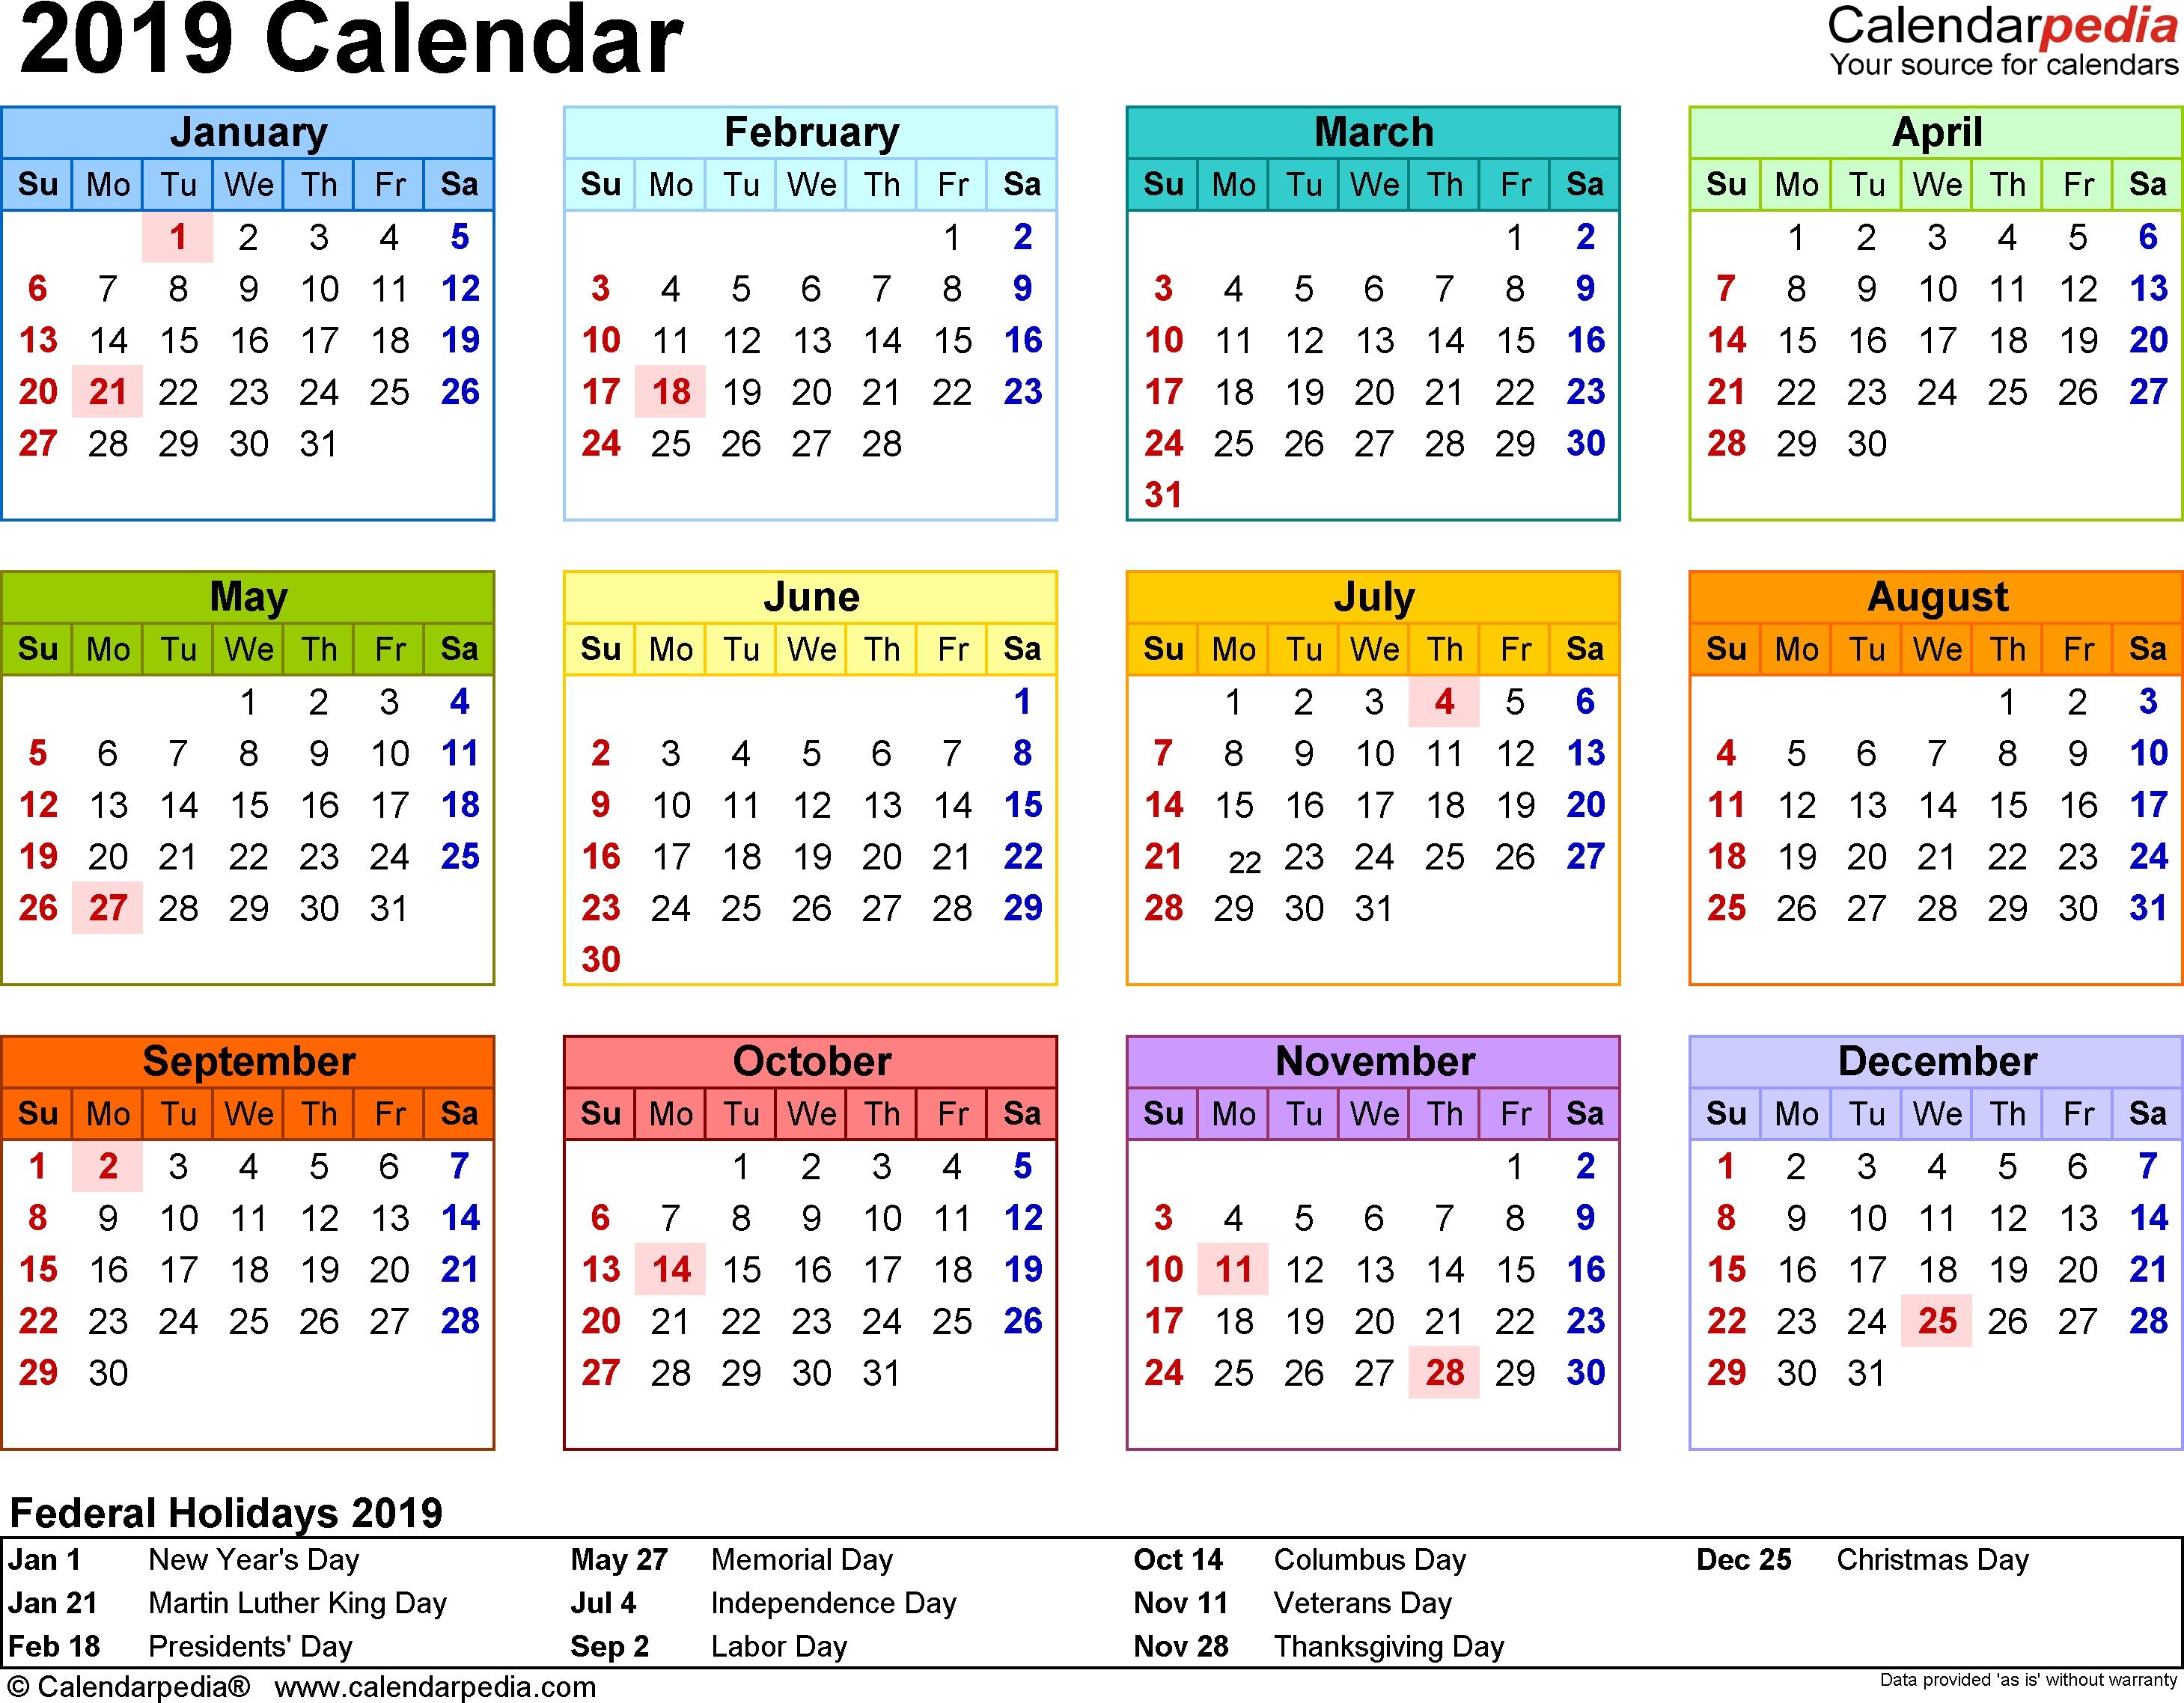 Calendar 2019 Template Word